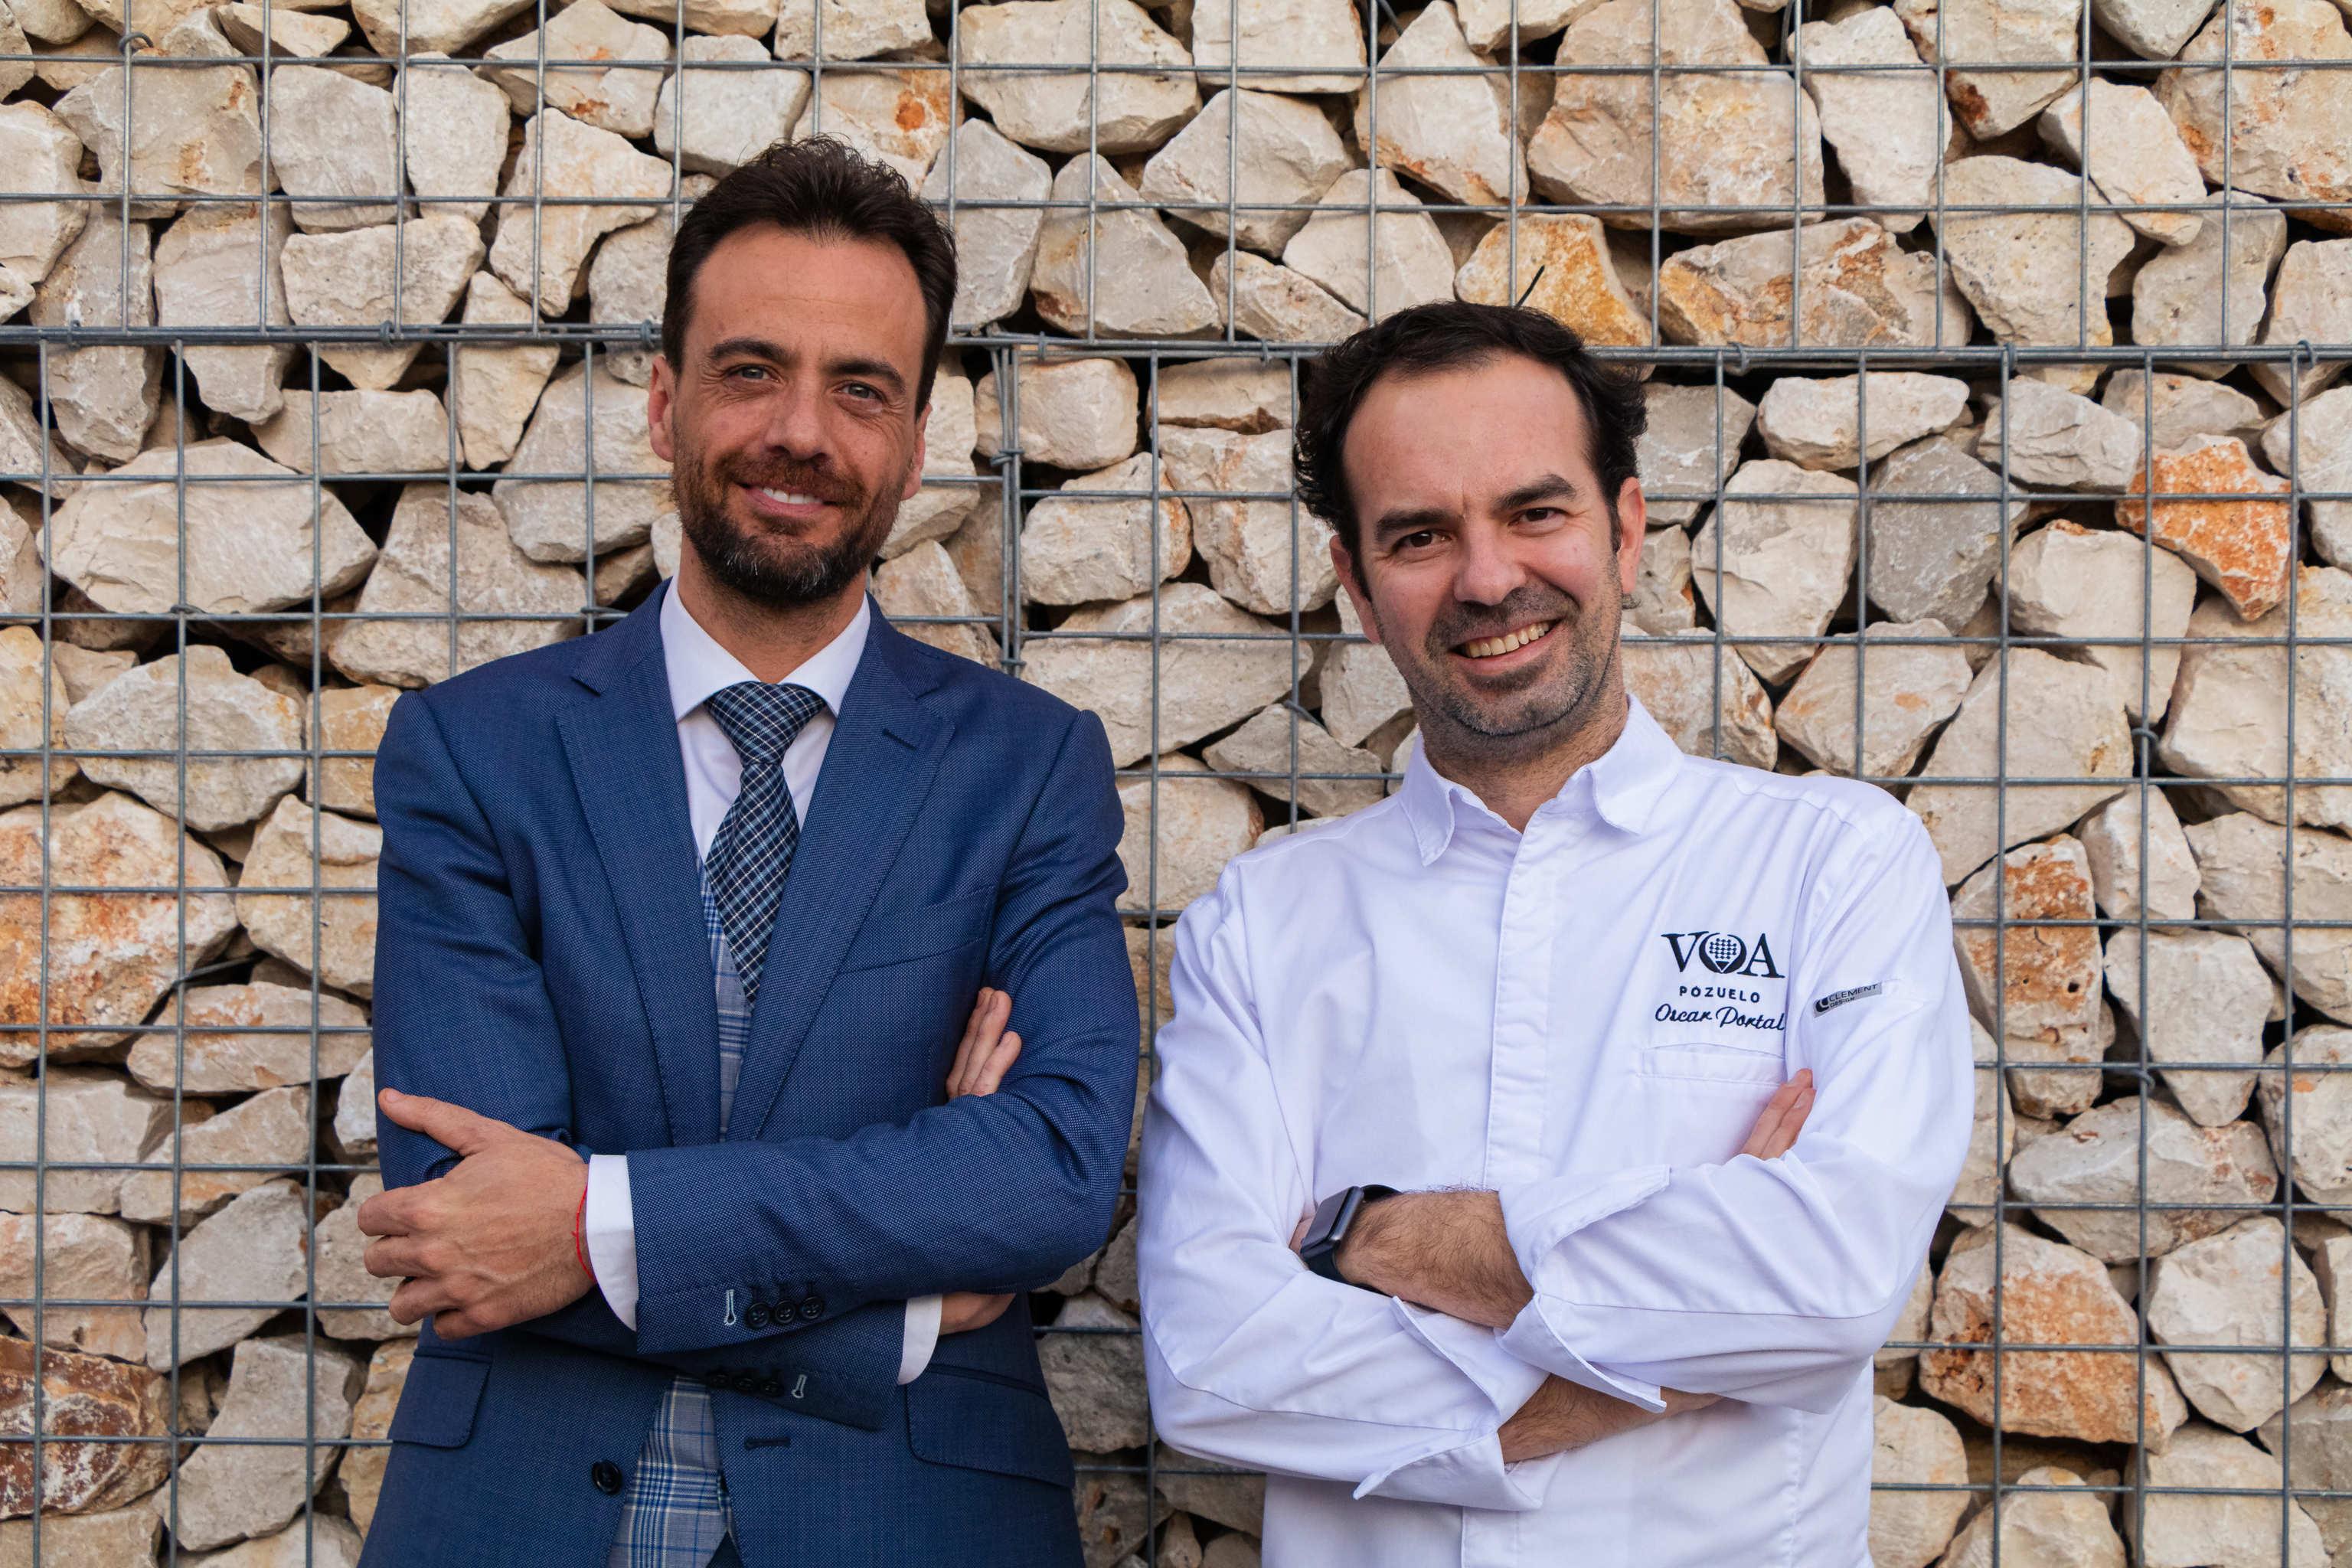 El tándem de Volea, Jorge Dávila y el chef Óscar Portal.